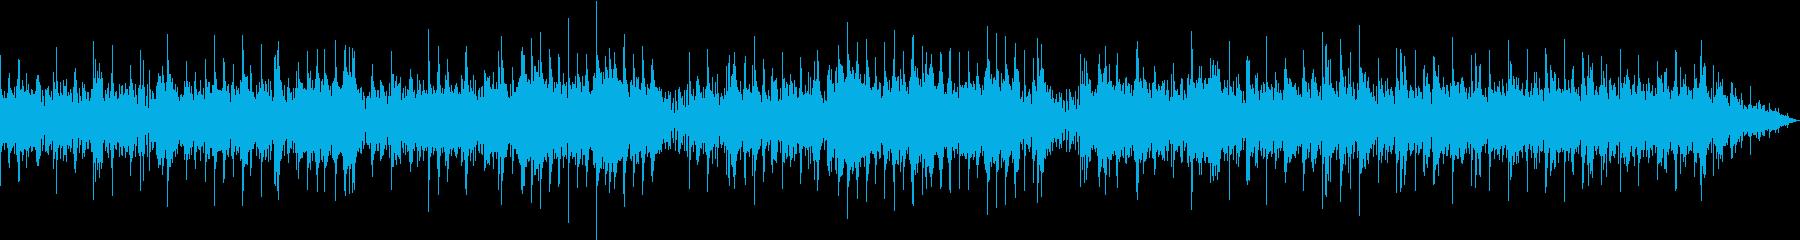 お洒落でJazzyなポップソングの再生済みの波形